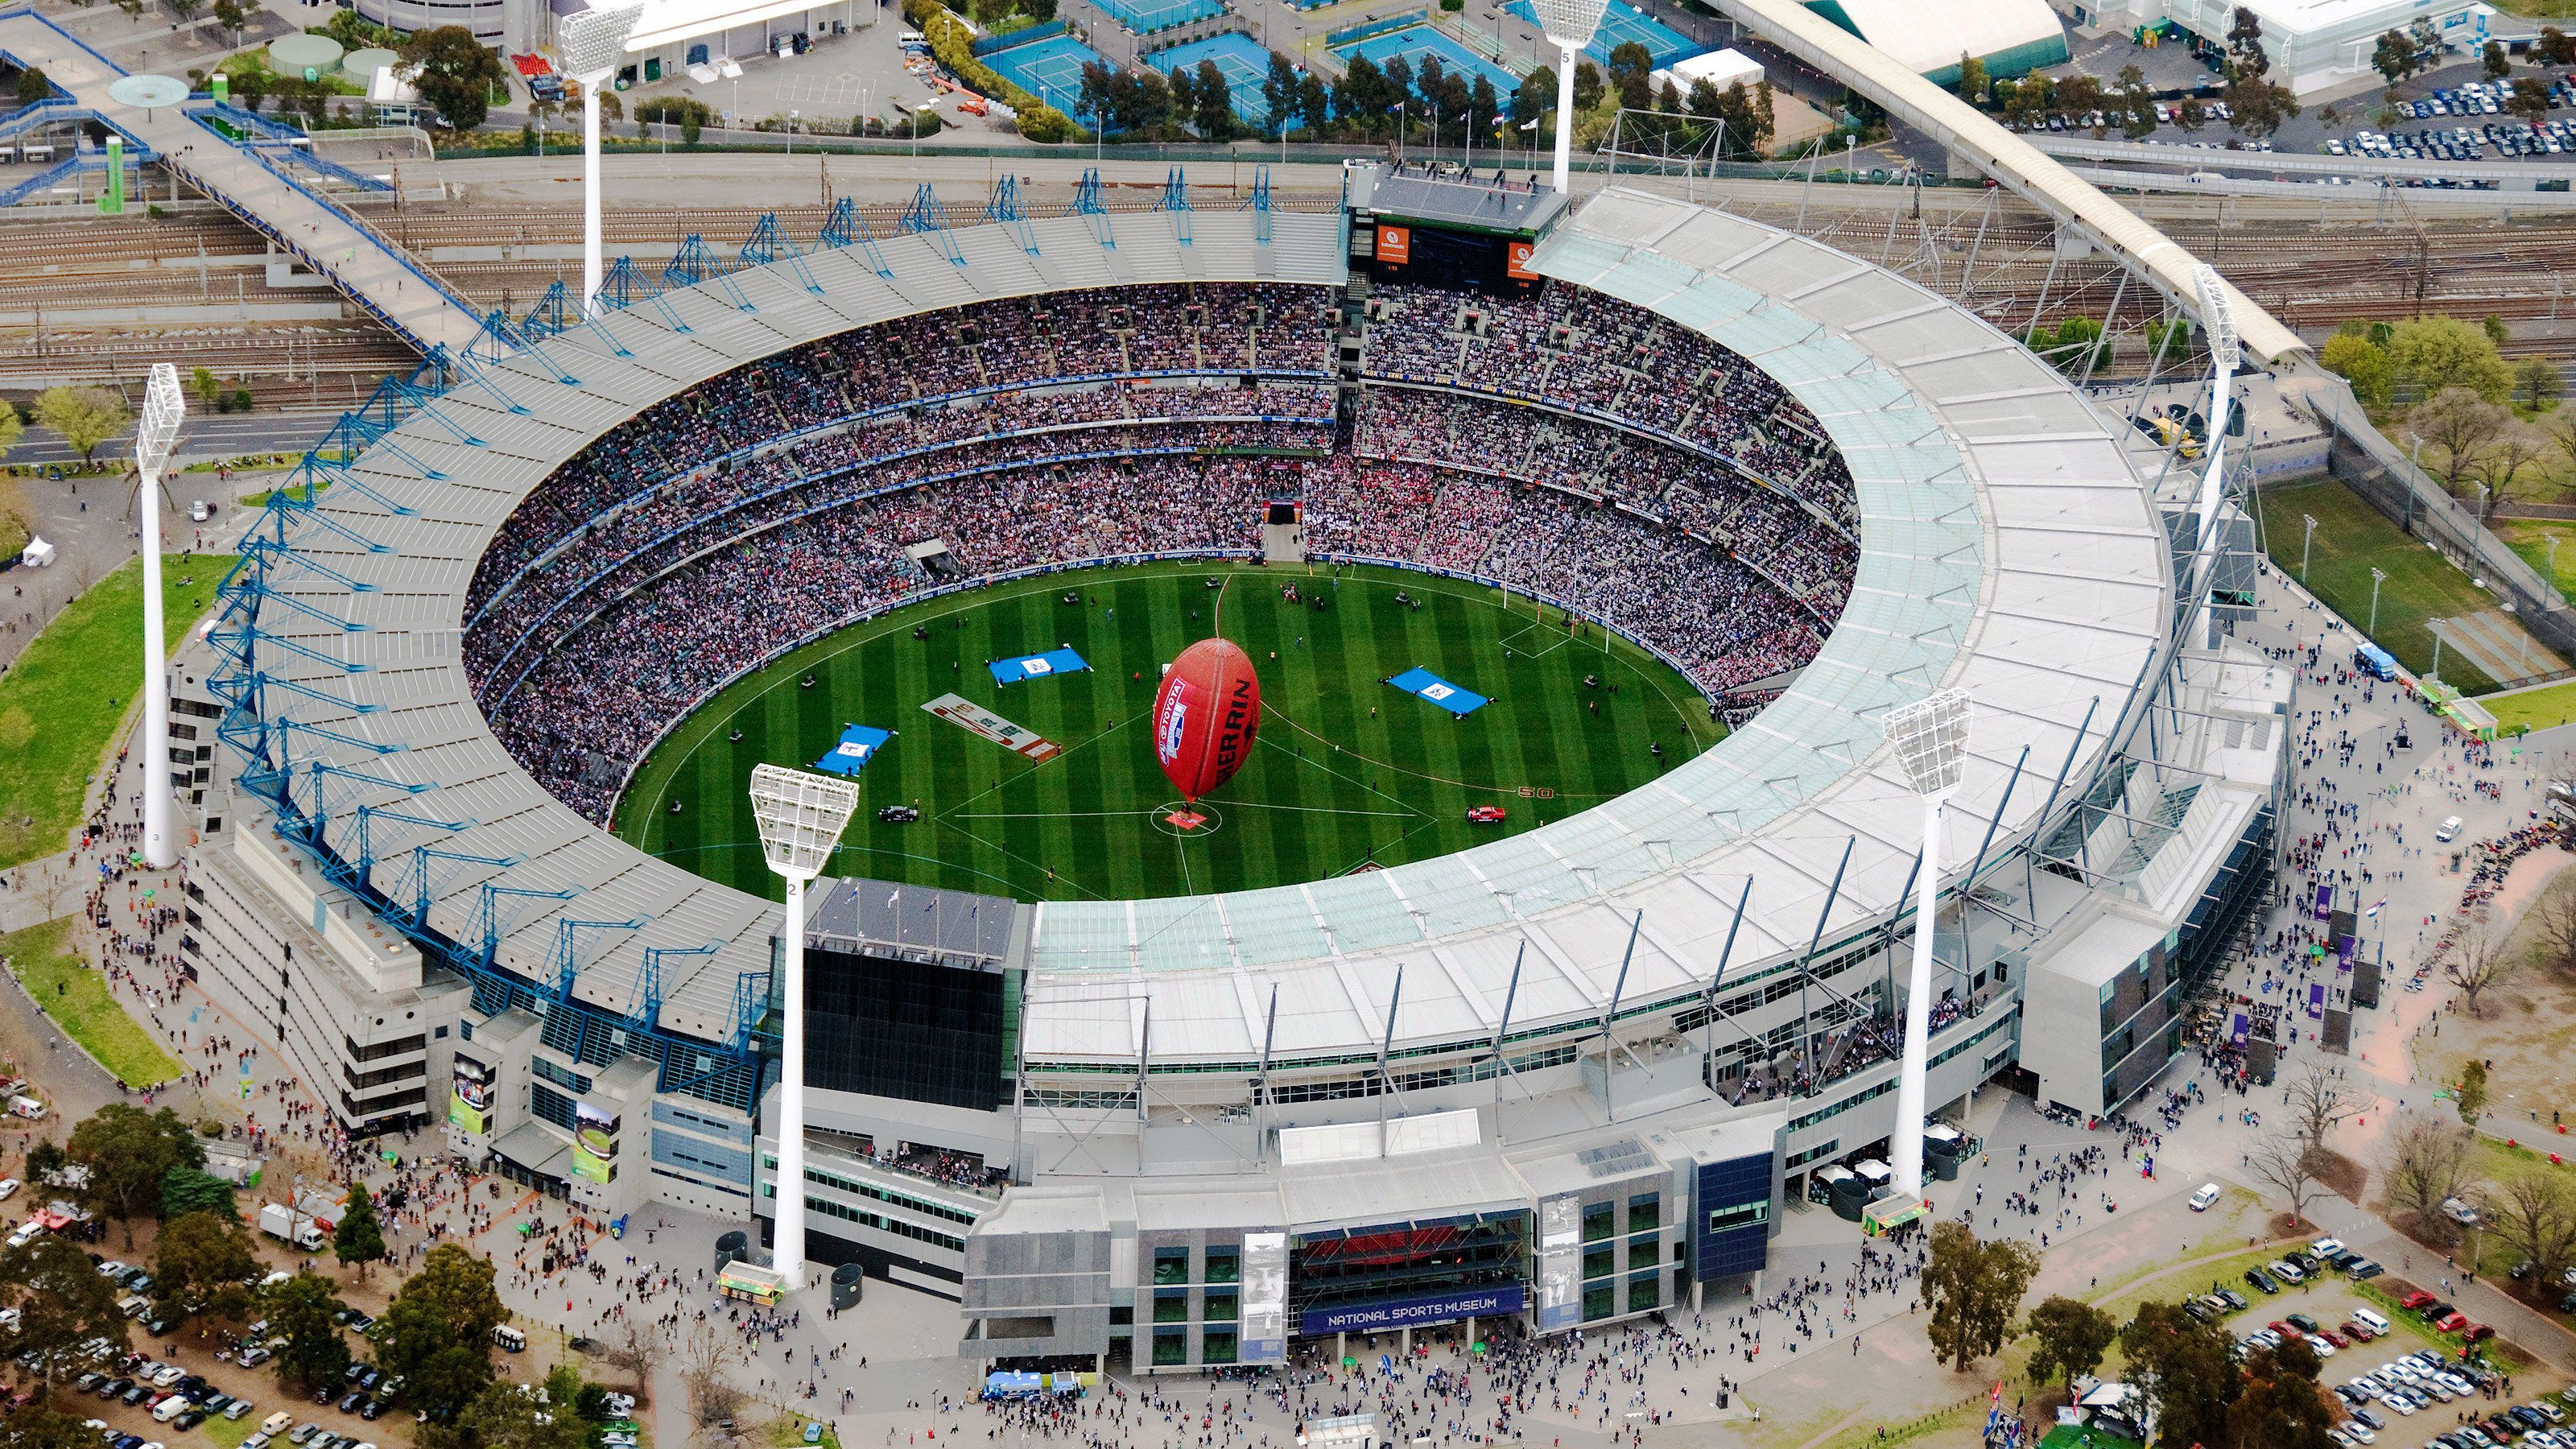 The sport stadium in Melbourne